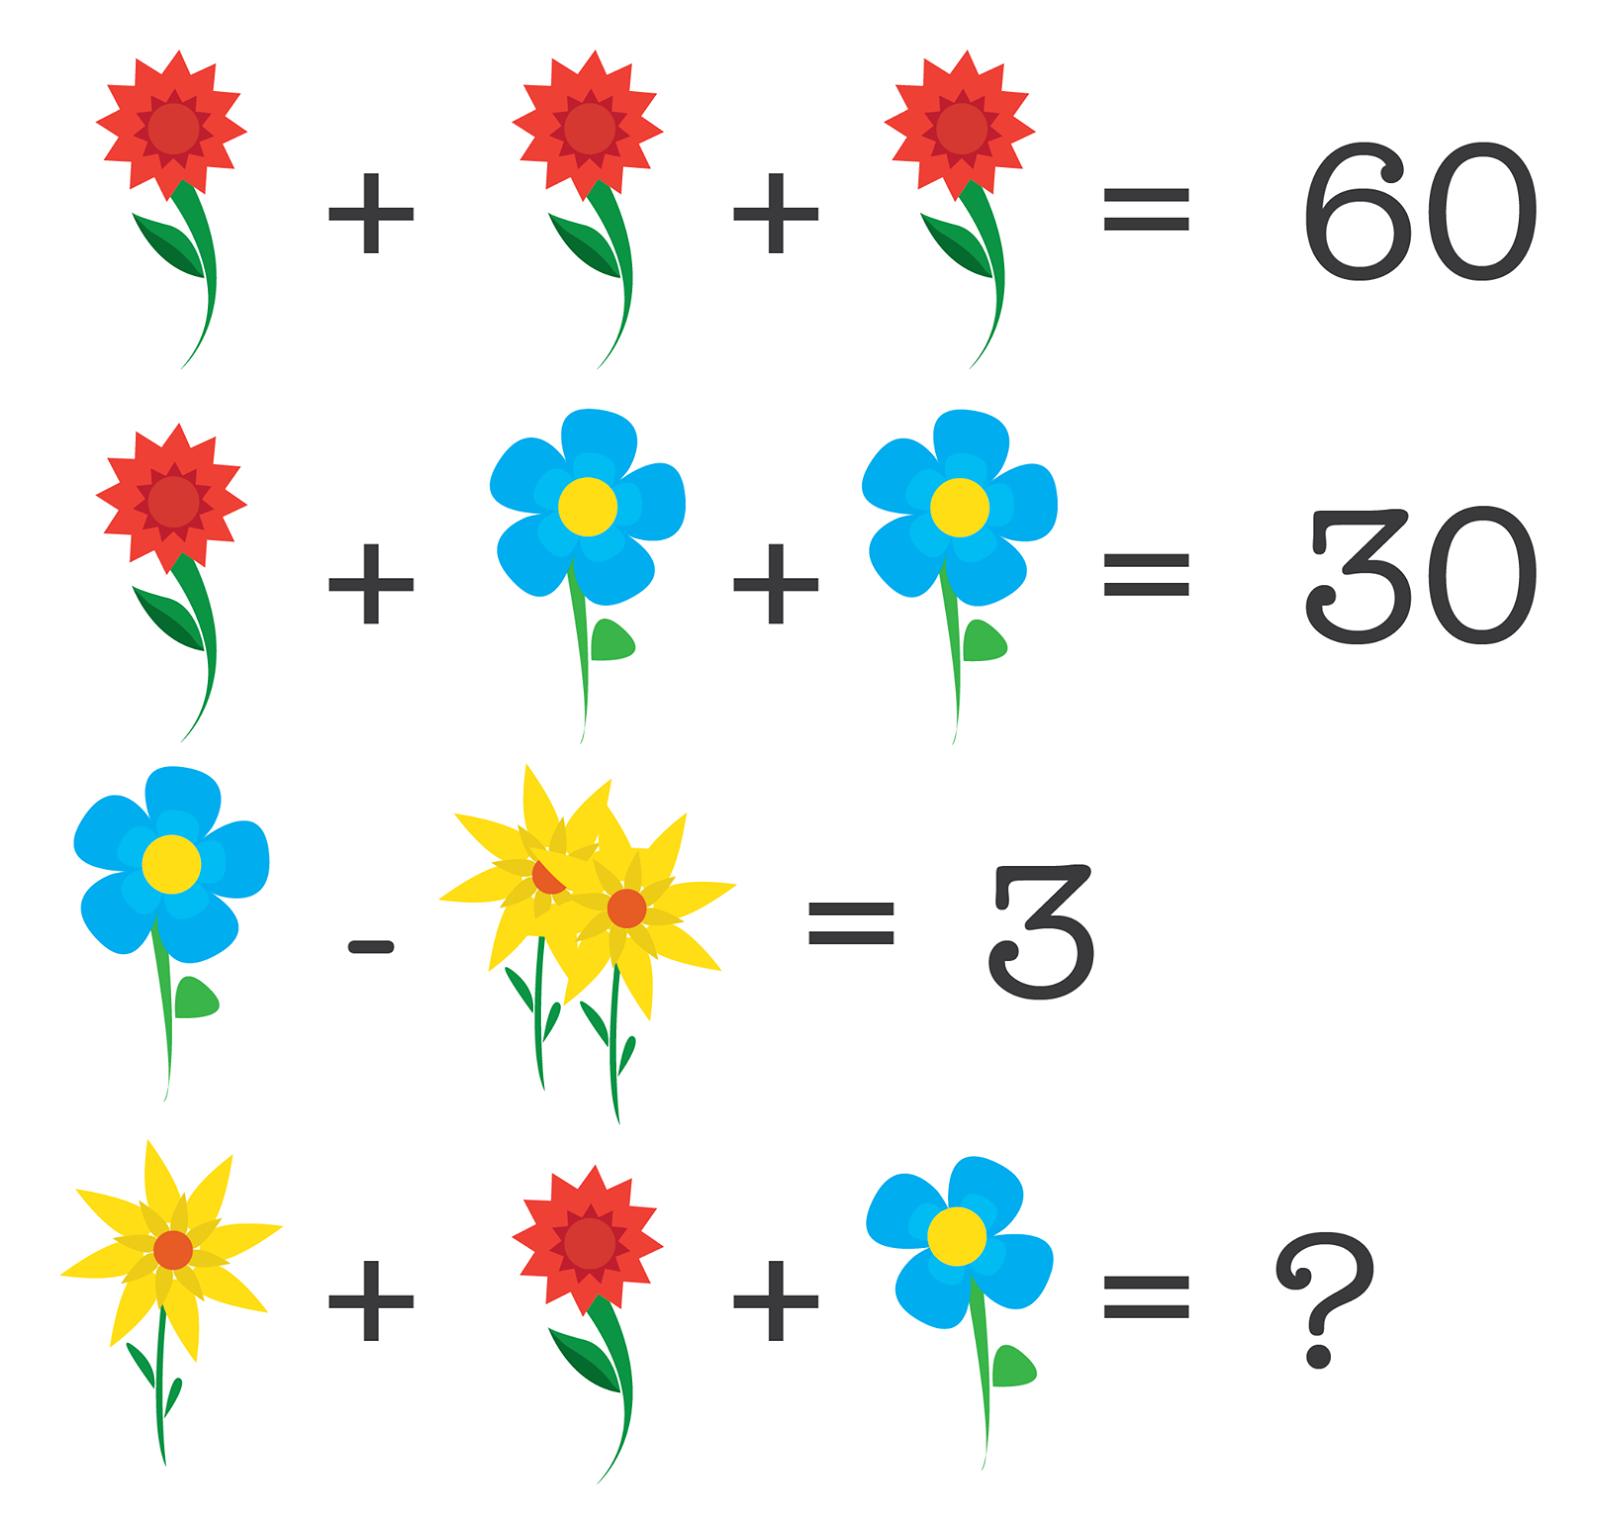 примеры на логику в картинках необычные с умножением отличие обычной